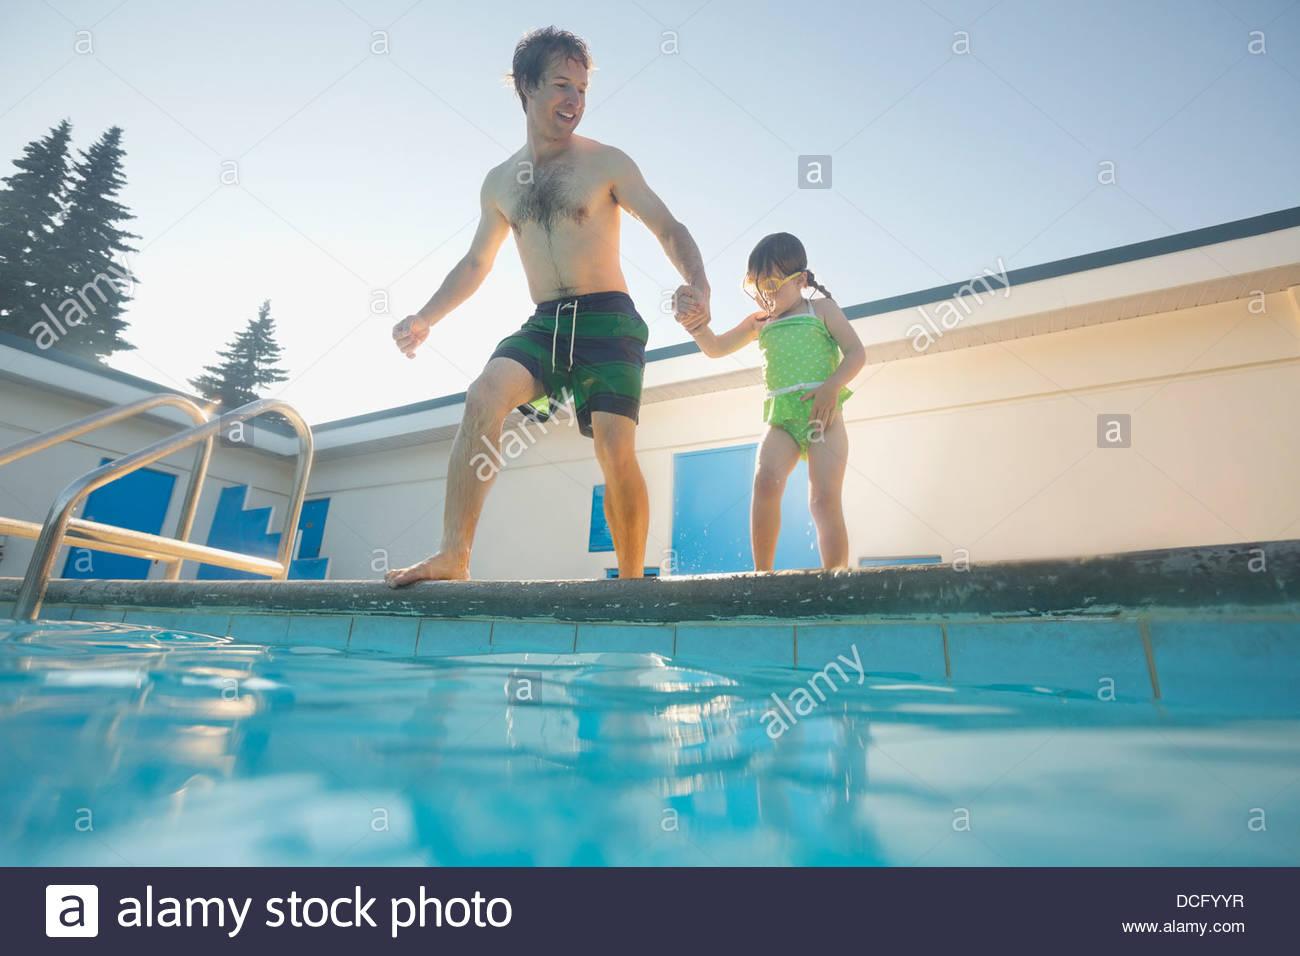 Père et fille se préparant à sauter dans une piscine Photo Stock